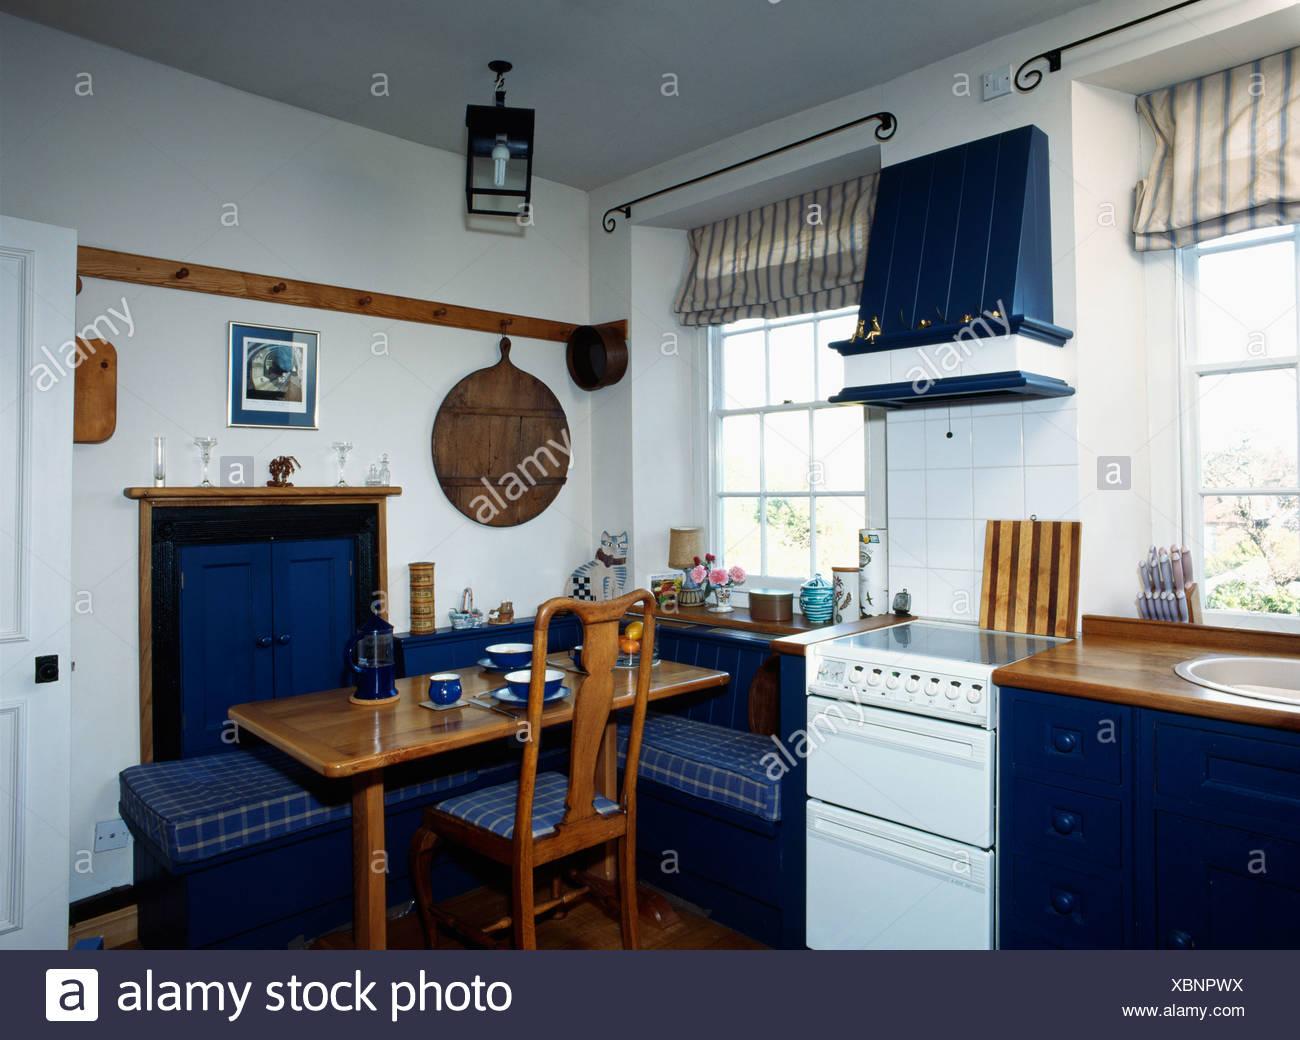 Tavolo In Legno Con Blu Panchetto Controllo Sedi Nella Piccola